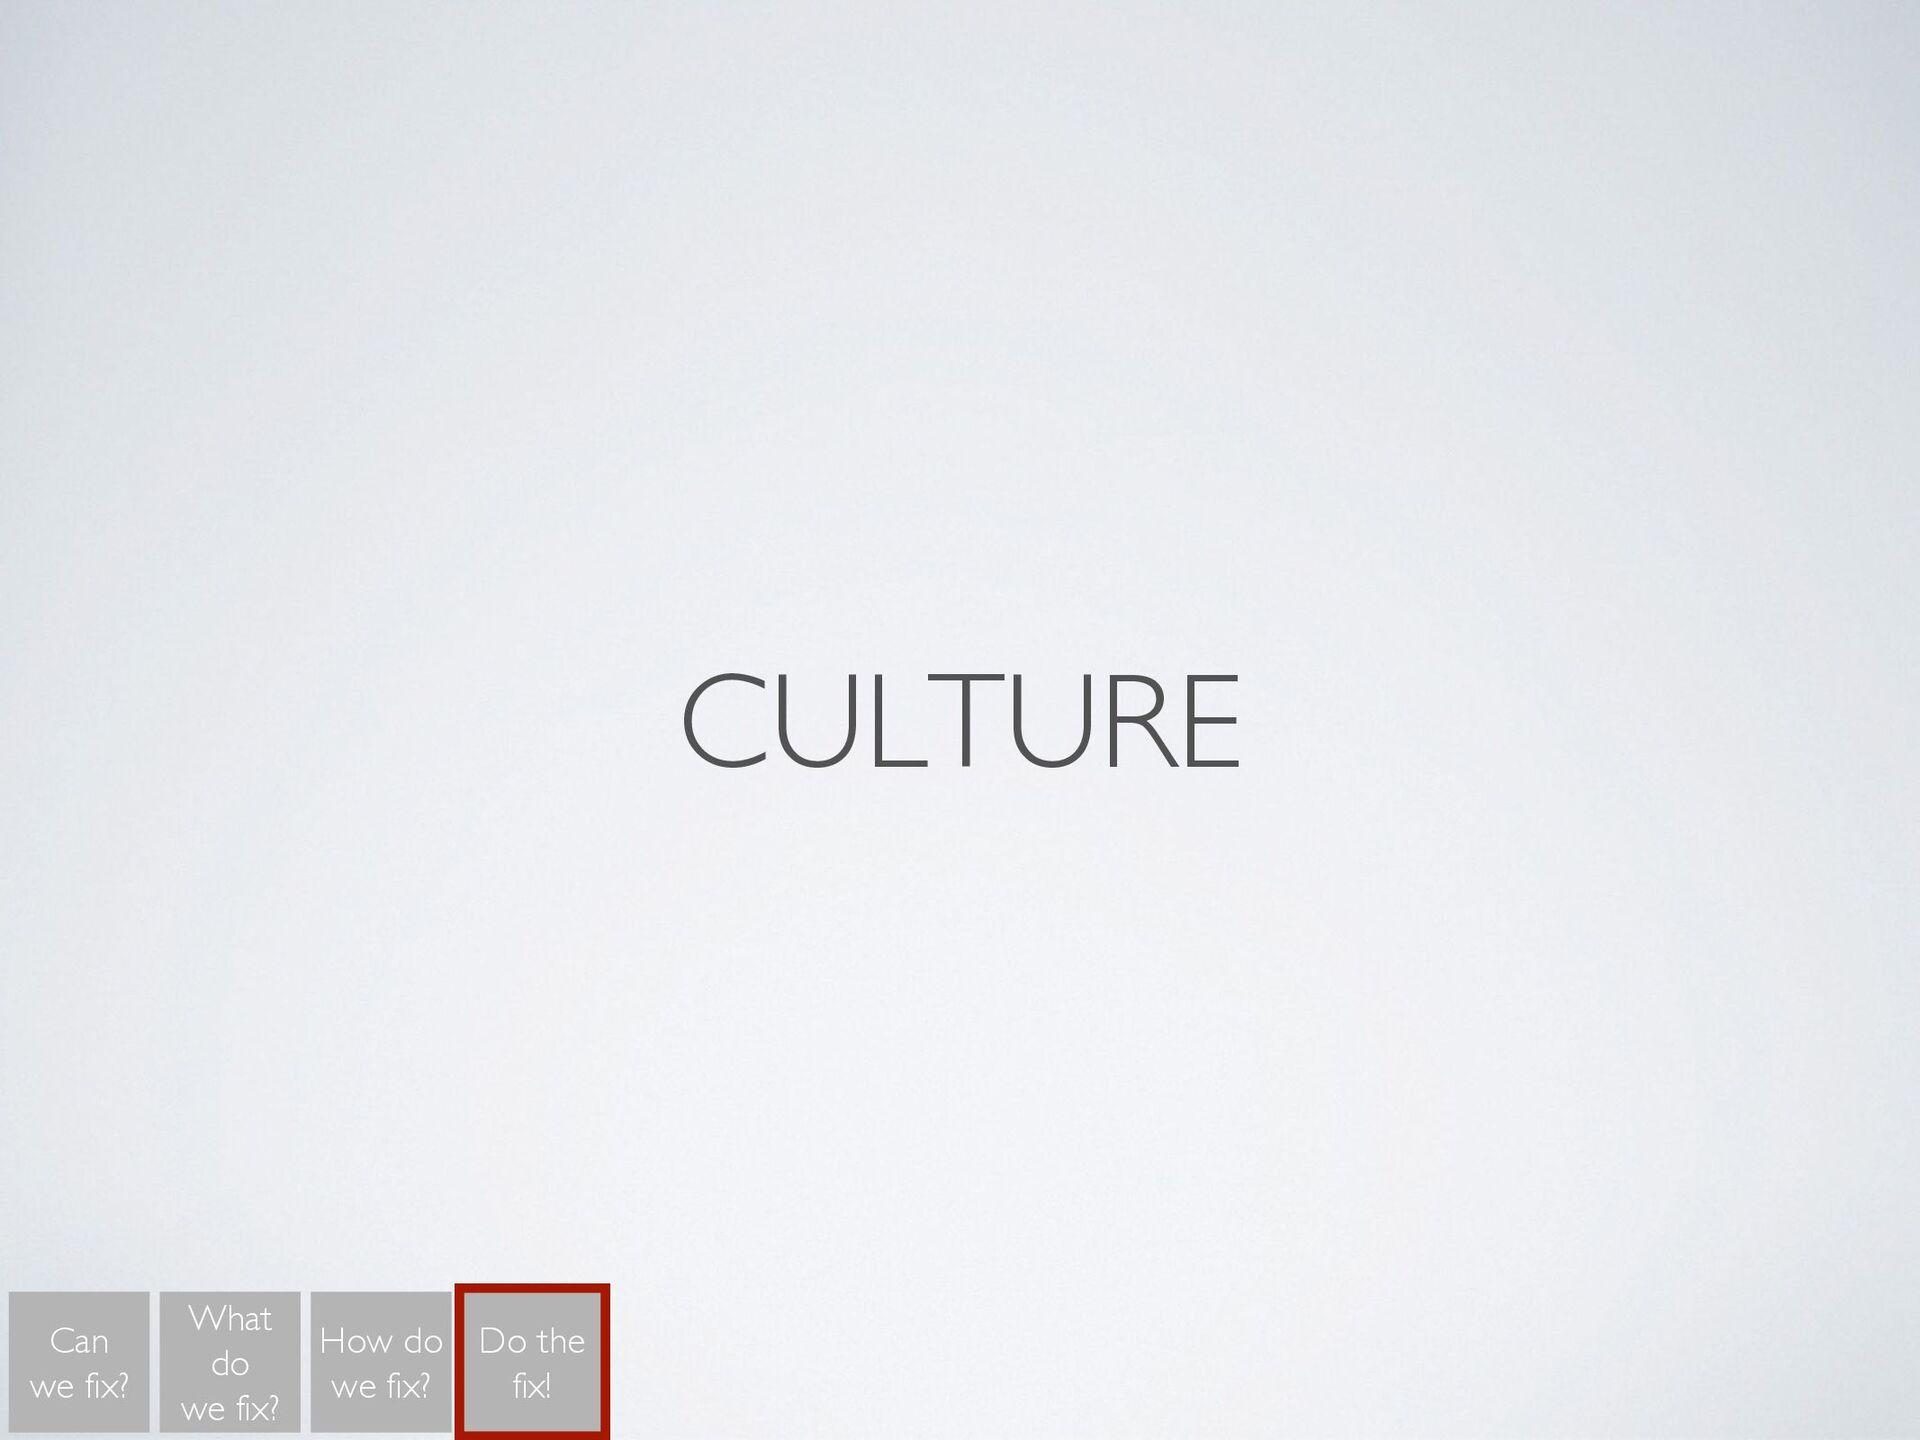 IMAGES • Poo • http://www.fileformat.info/info/u...